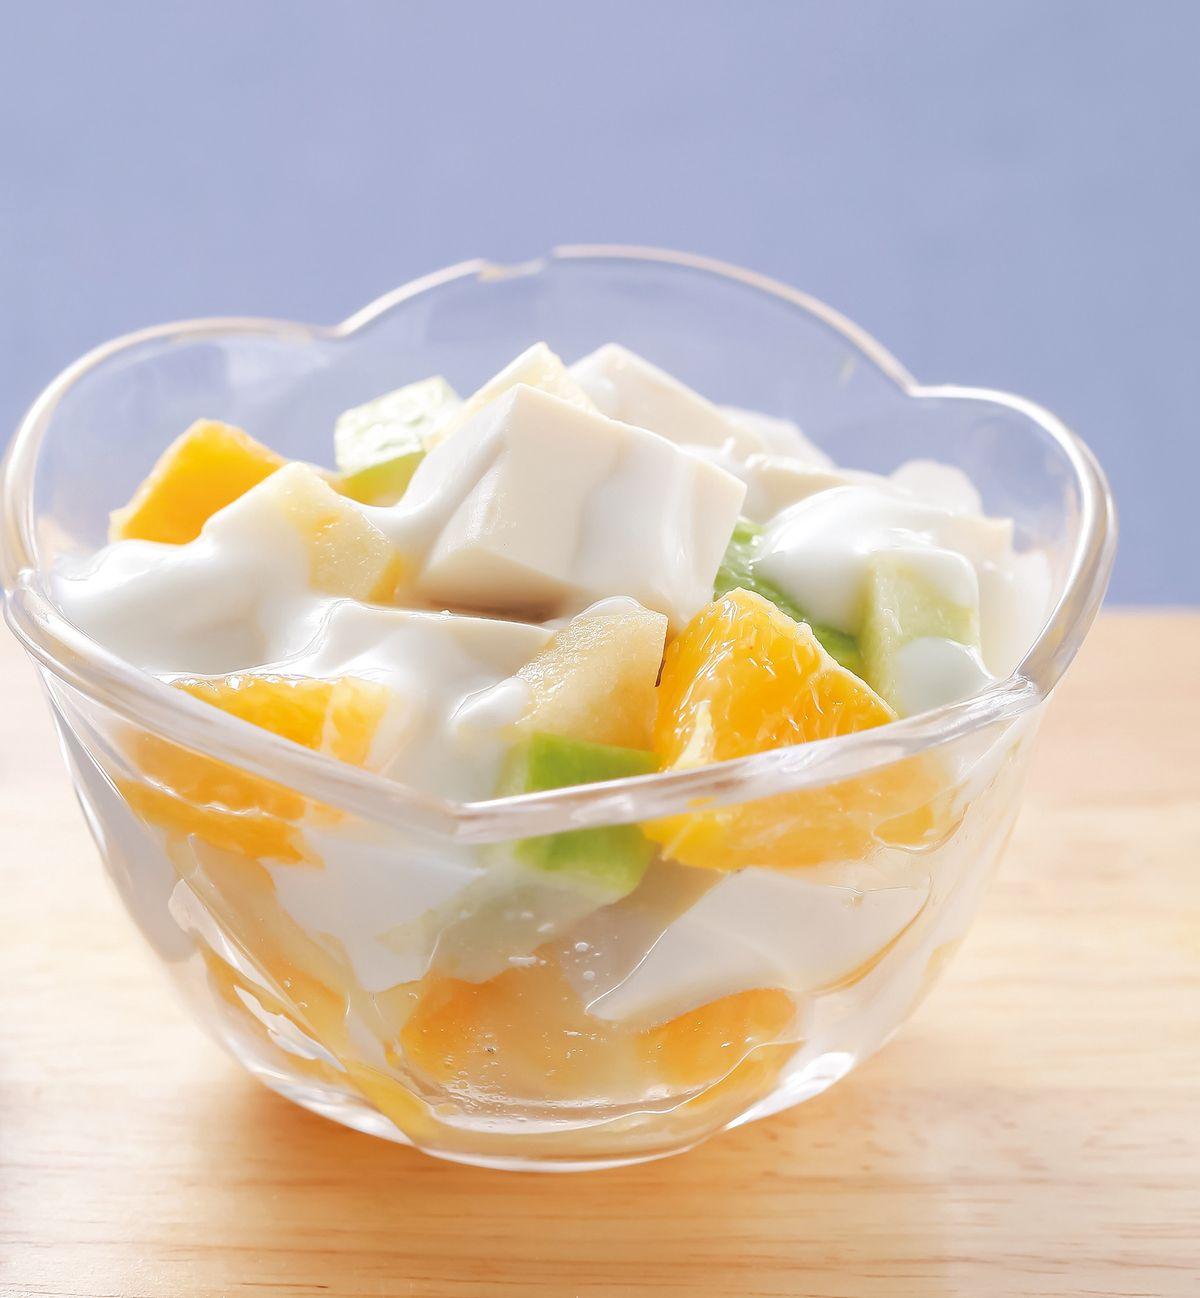 食譜:水果優格豆腐